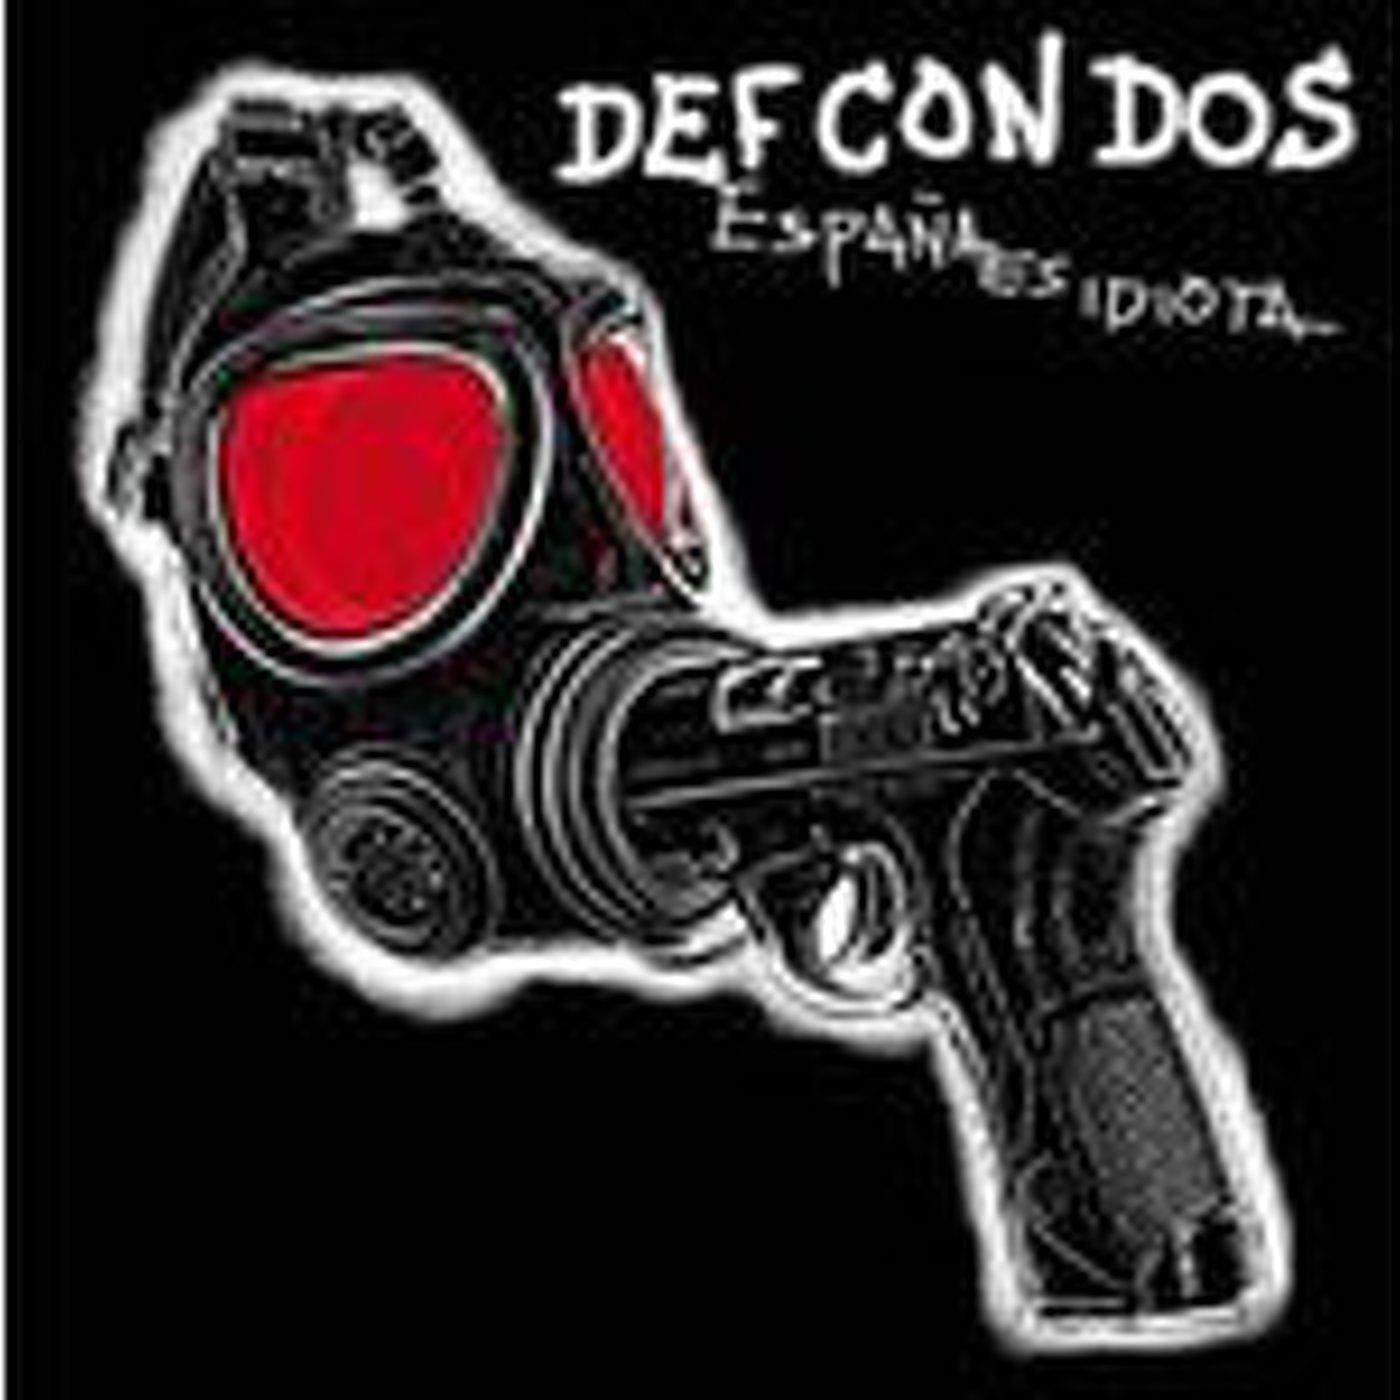 876 - Def con Dos - 50s